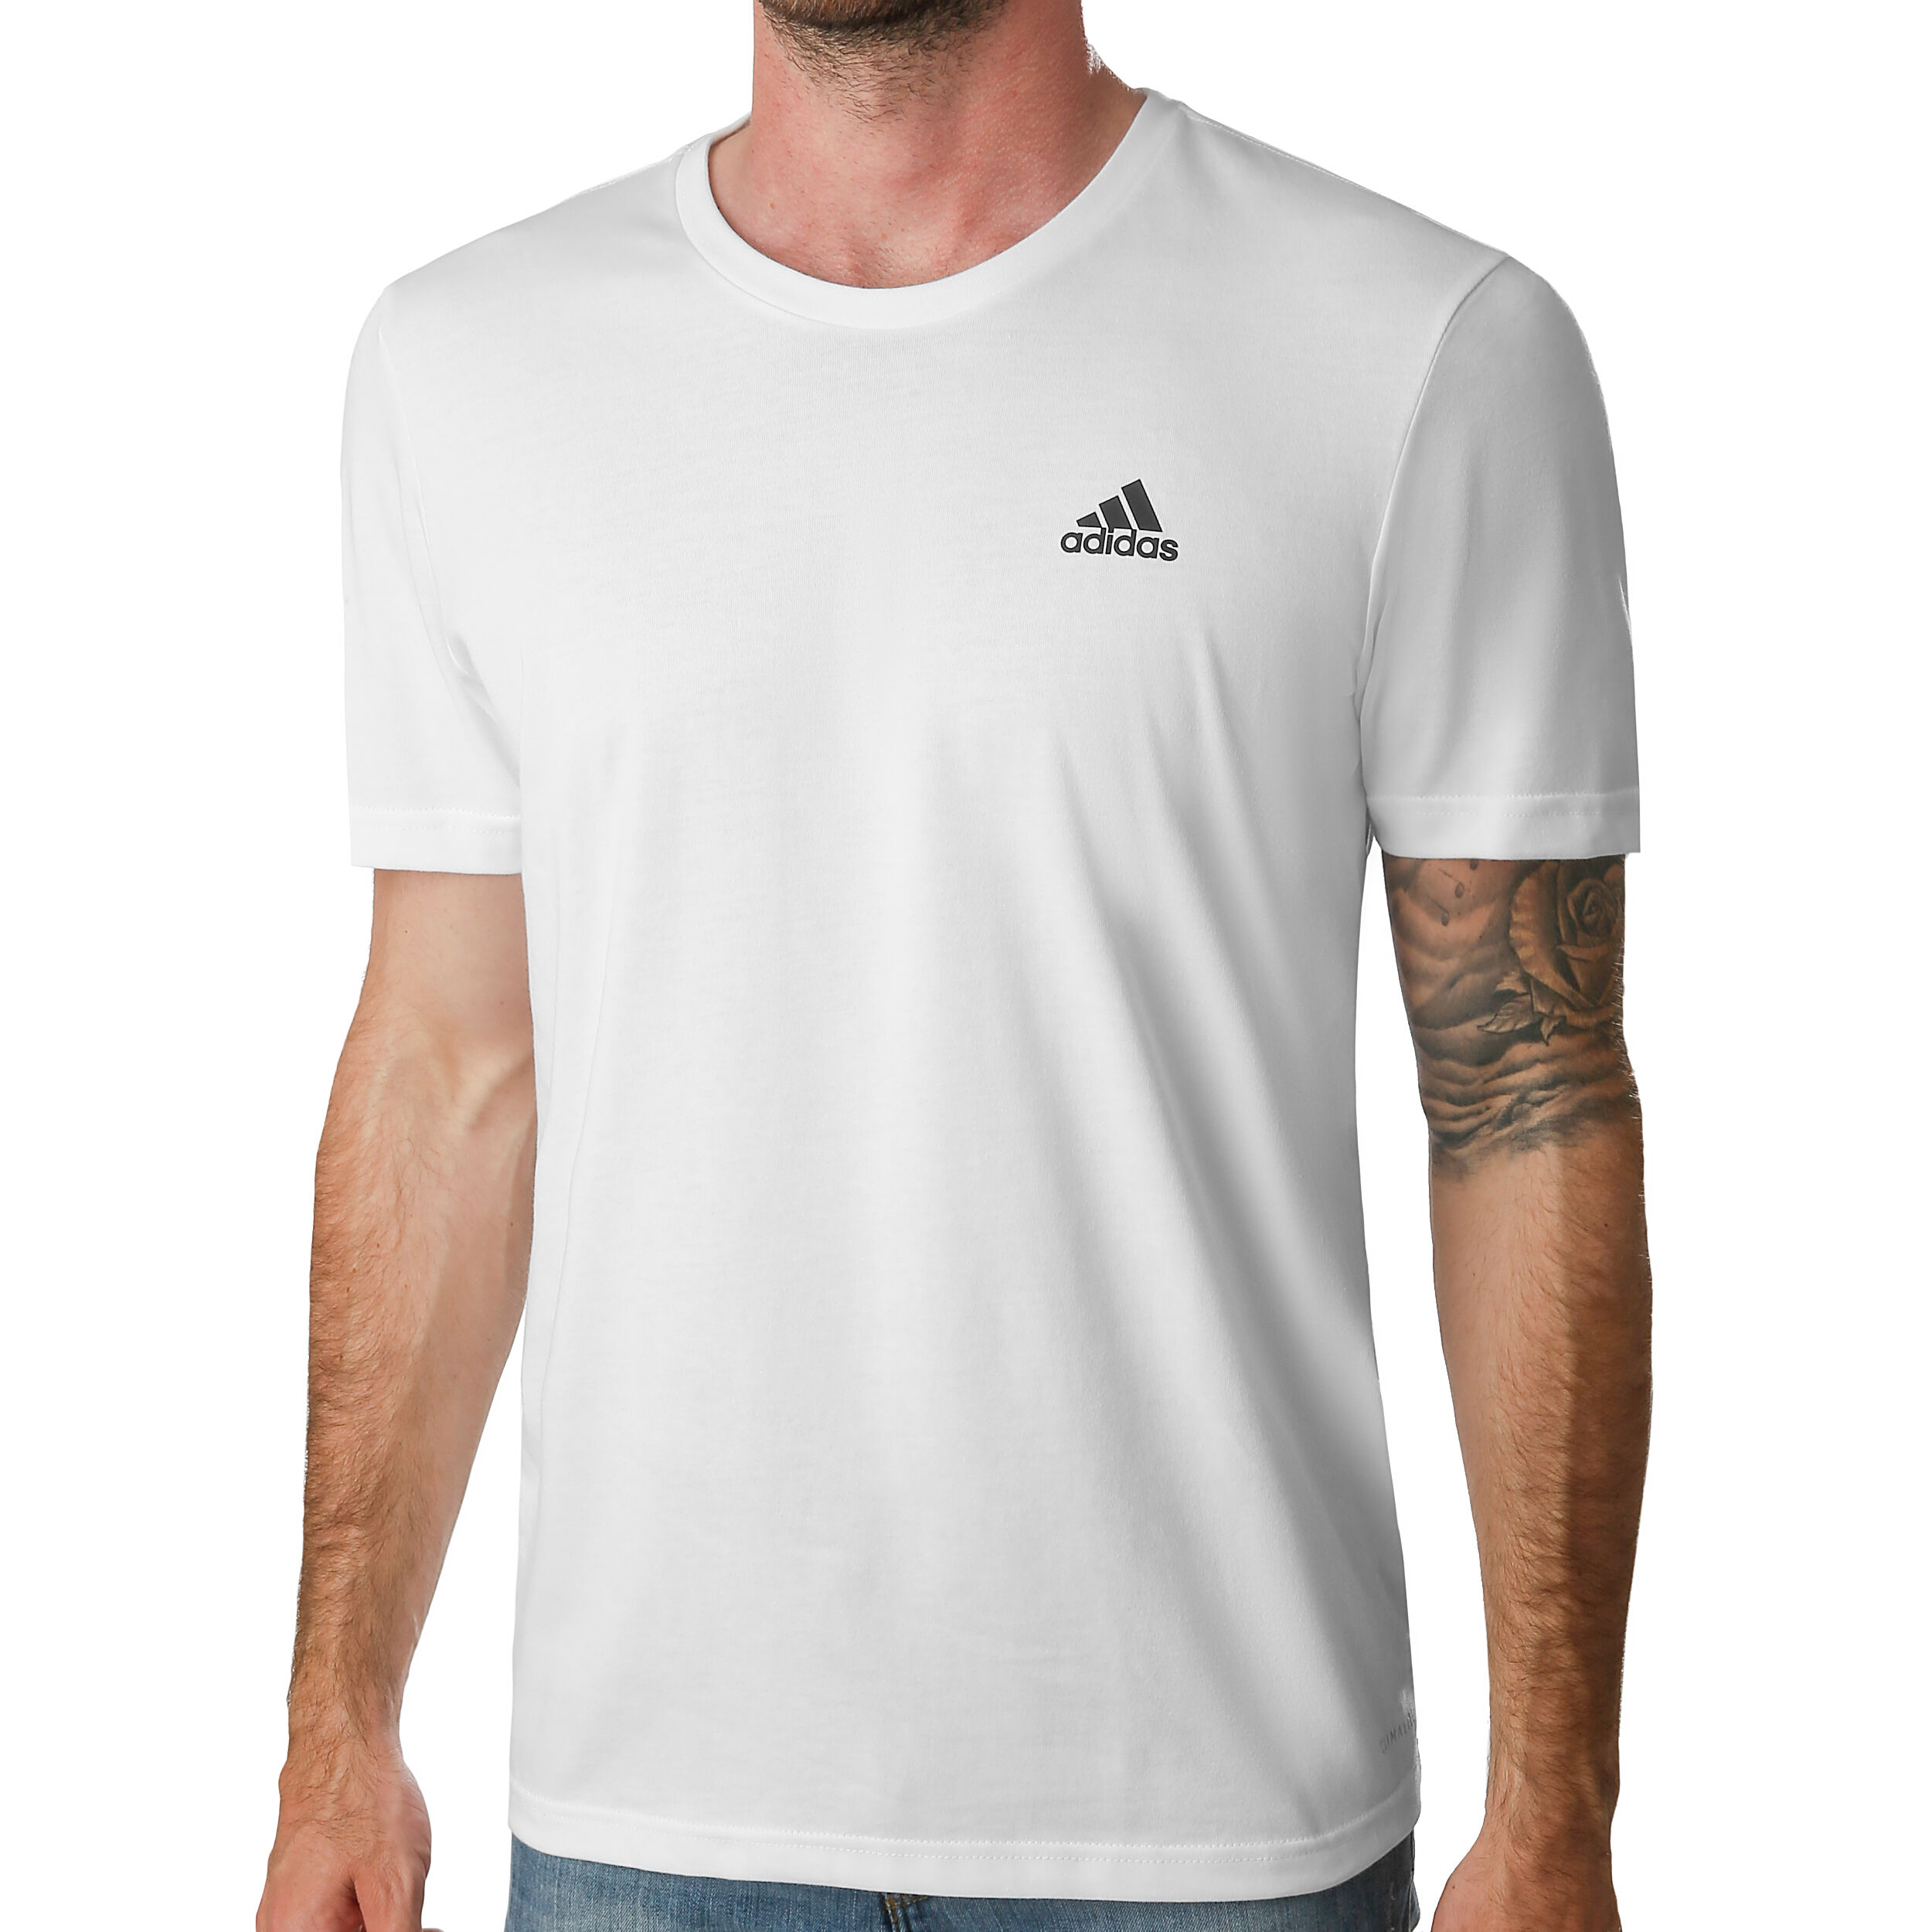 adidas Paris Graphic T Shirt Herren Weiß, Schwarz online